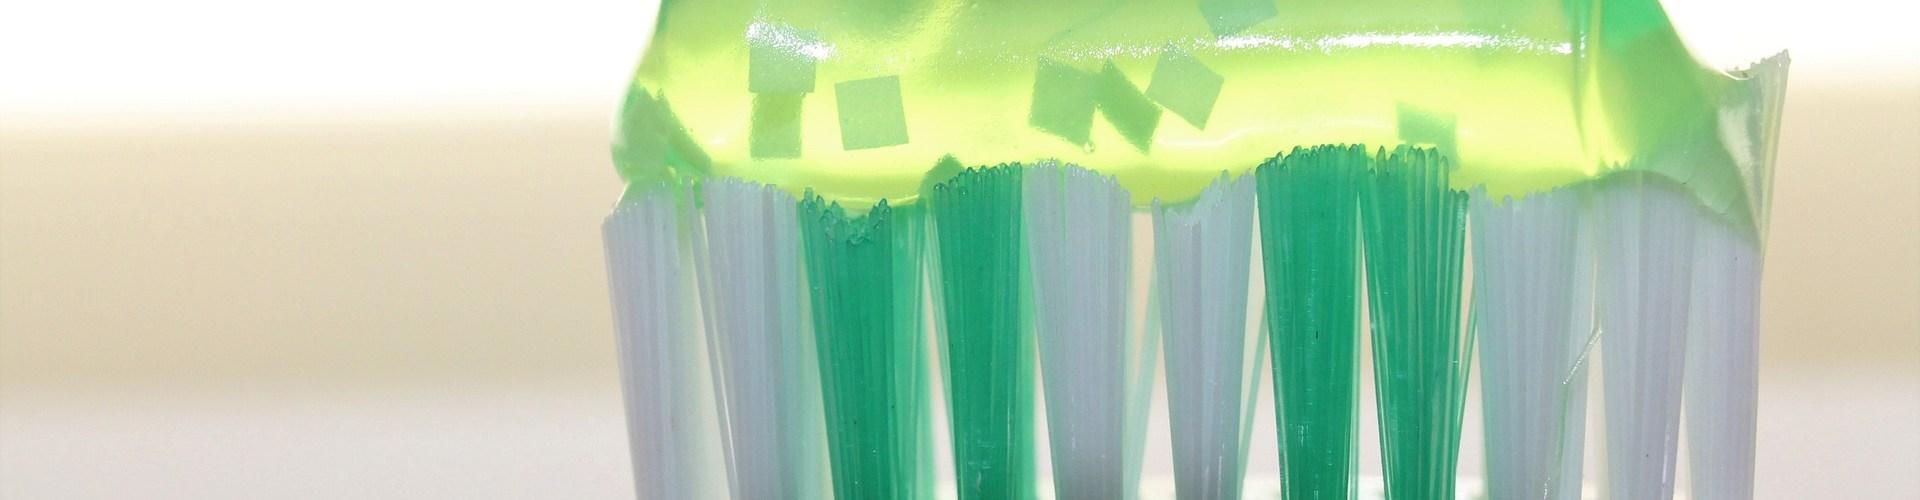 طريقة تنظيف فرشاة الاسنان